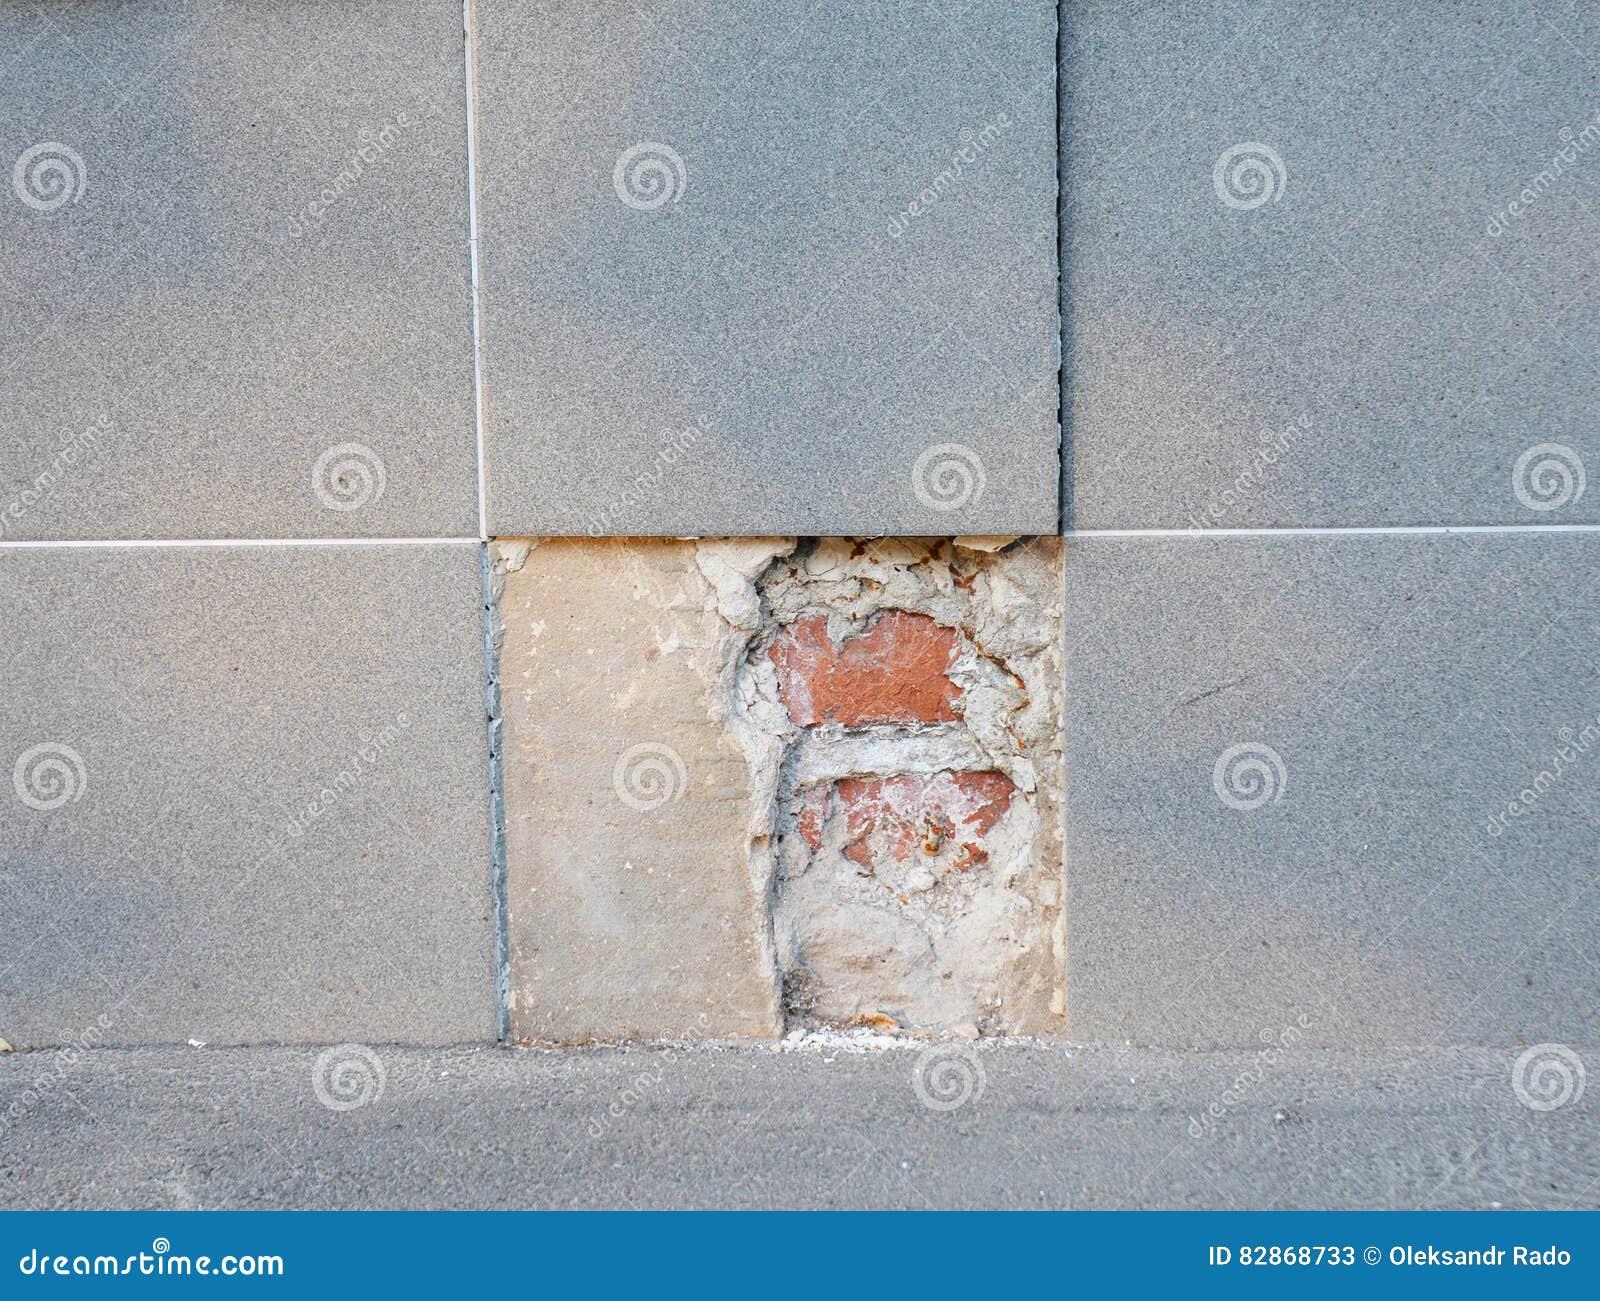 Zamienia porcje Łamana porcelany płytki podłoga Zamienia Starej Kąpielowej Dachówkowej podłoga Z Nową porcelany płytką